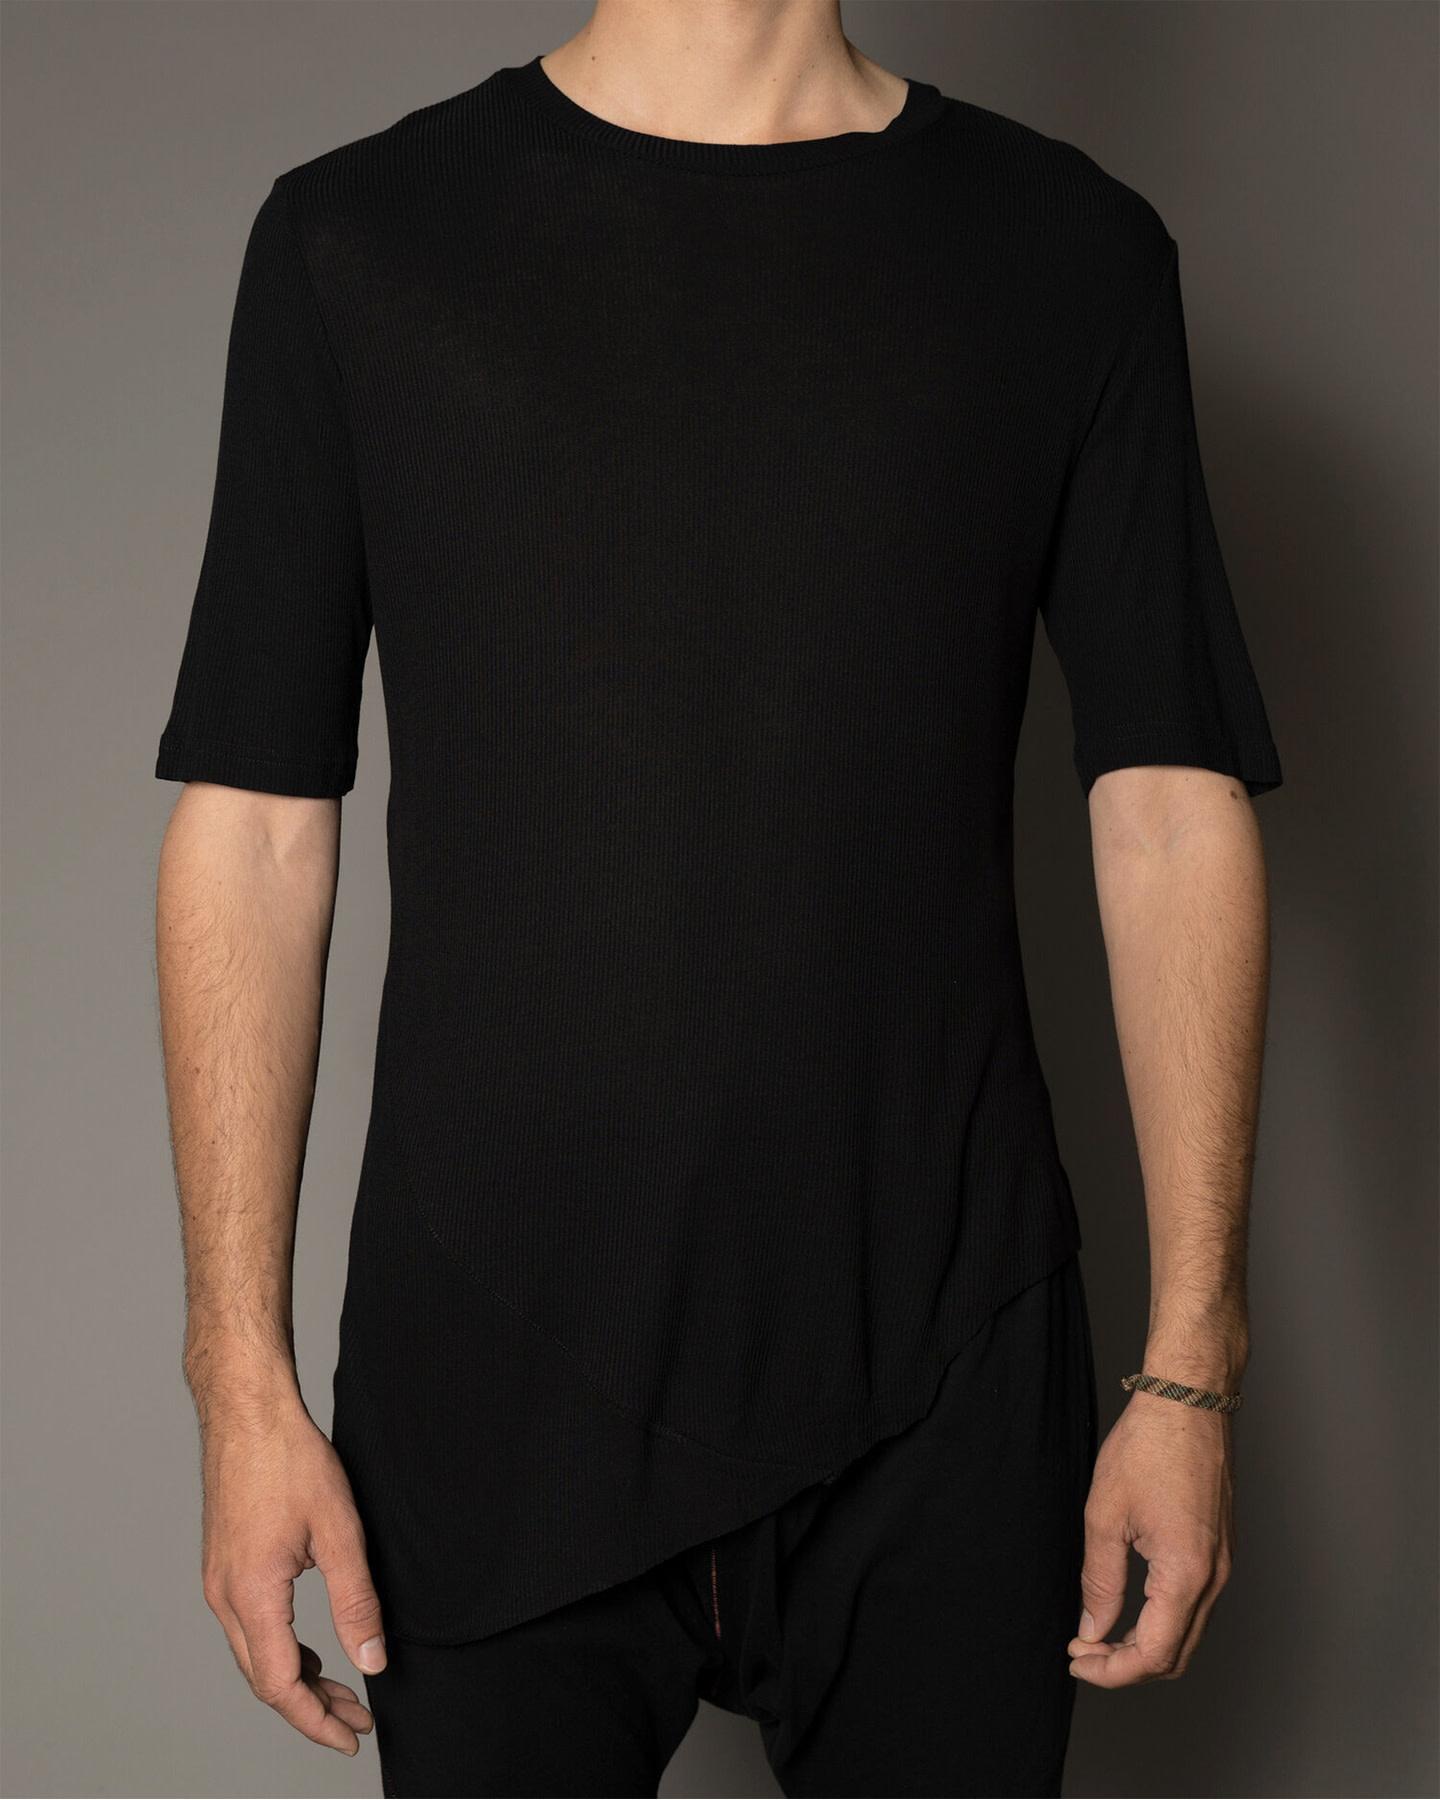 ROAMINY T-SHIRT - BLACK